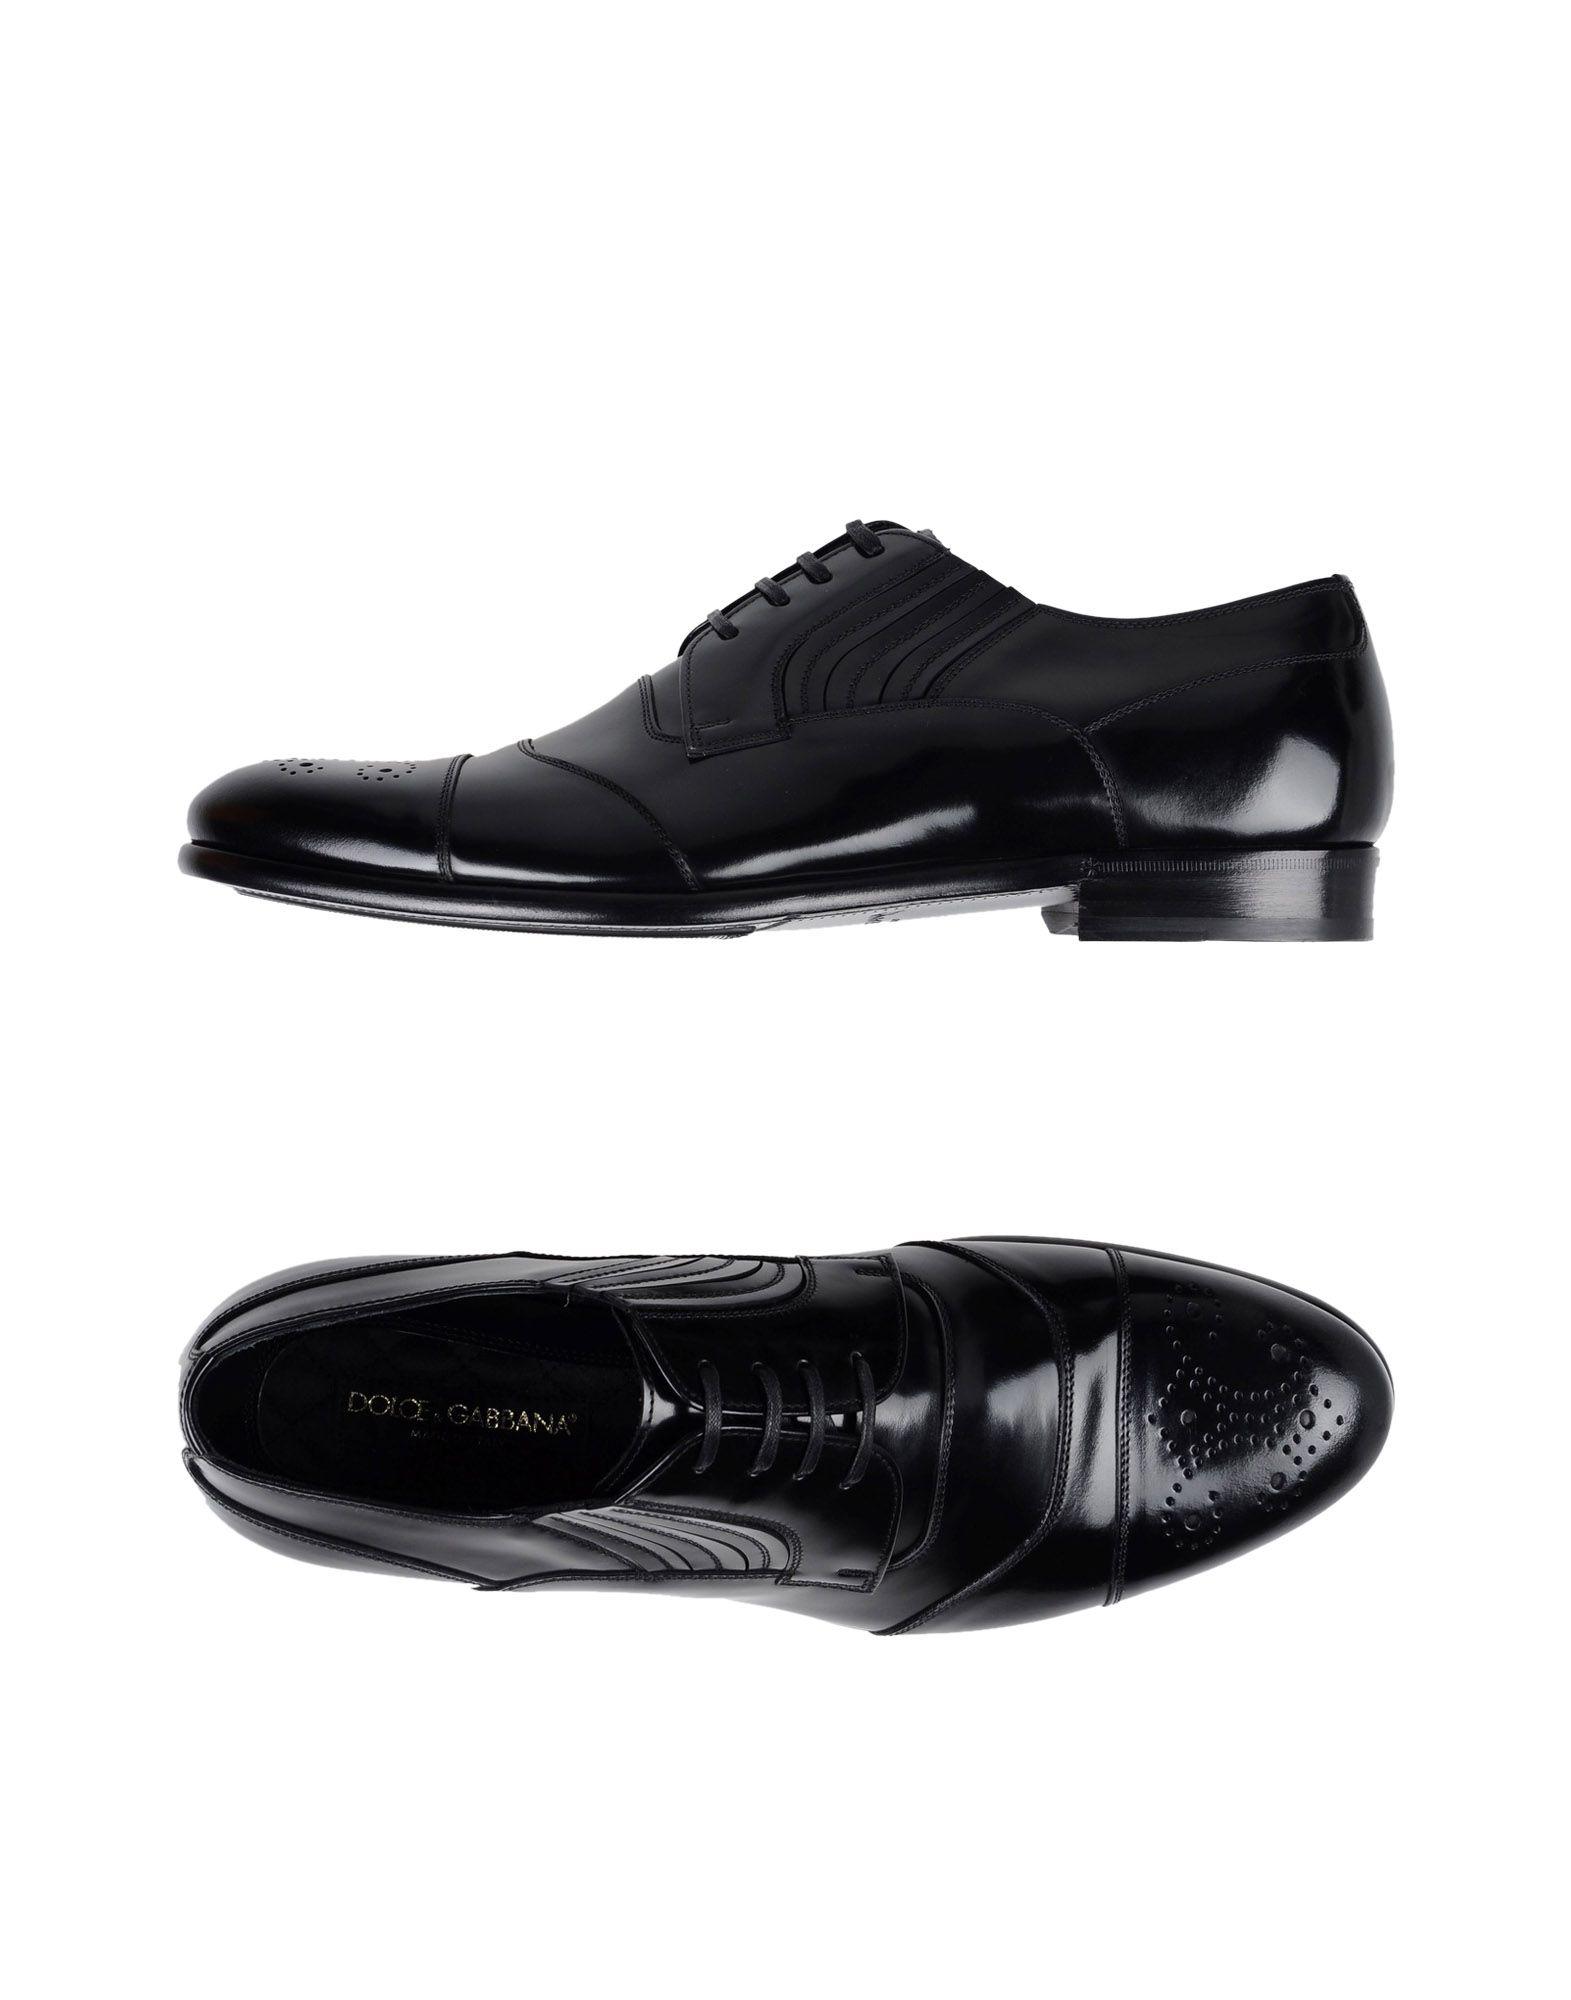 Dolce & Gabbana Schnürschuhe Herren  11367985WP Gute Qualität beliebte Schuhe